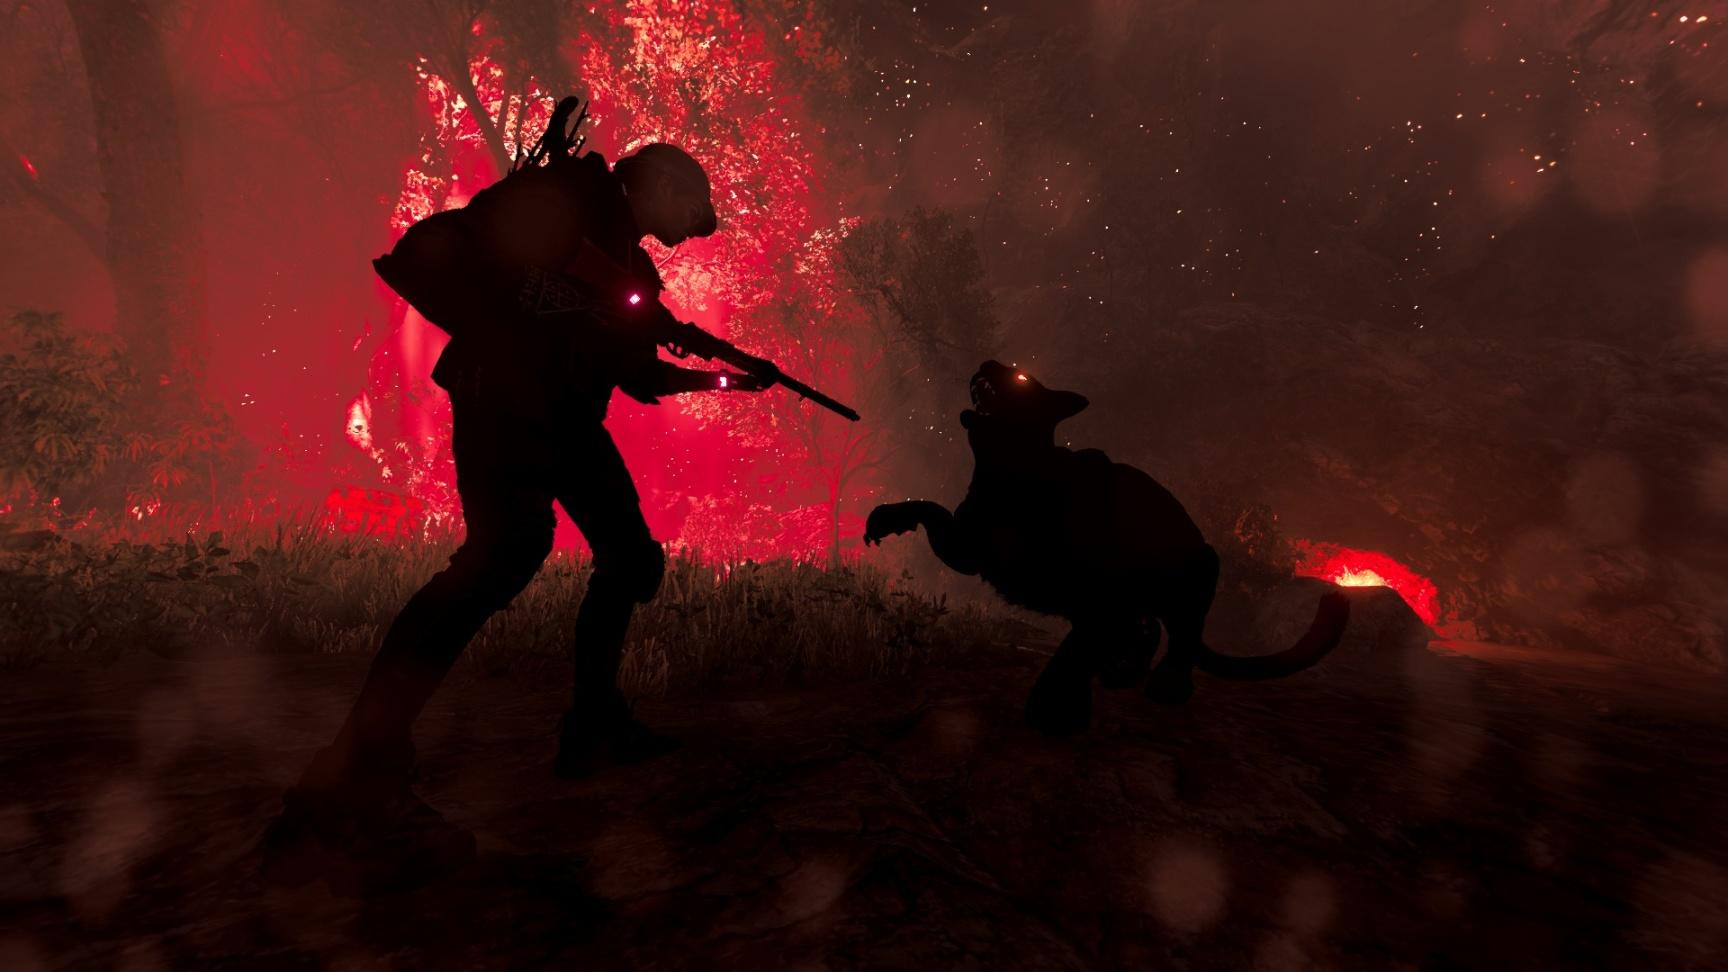 身为游击队员,则革命永不停息——《孤岛惊魂6》新手指南插图4